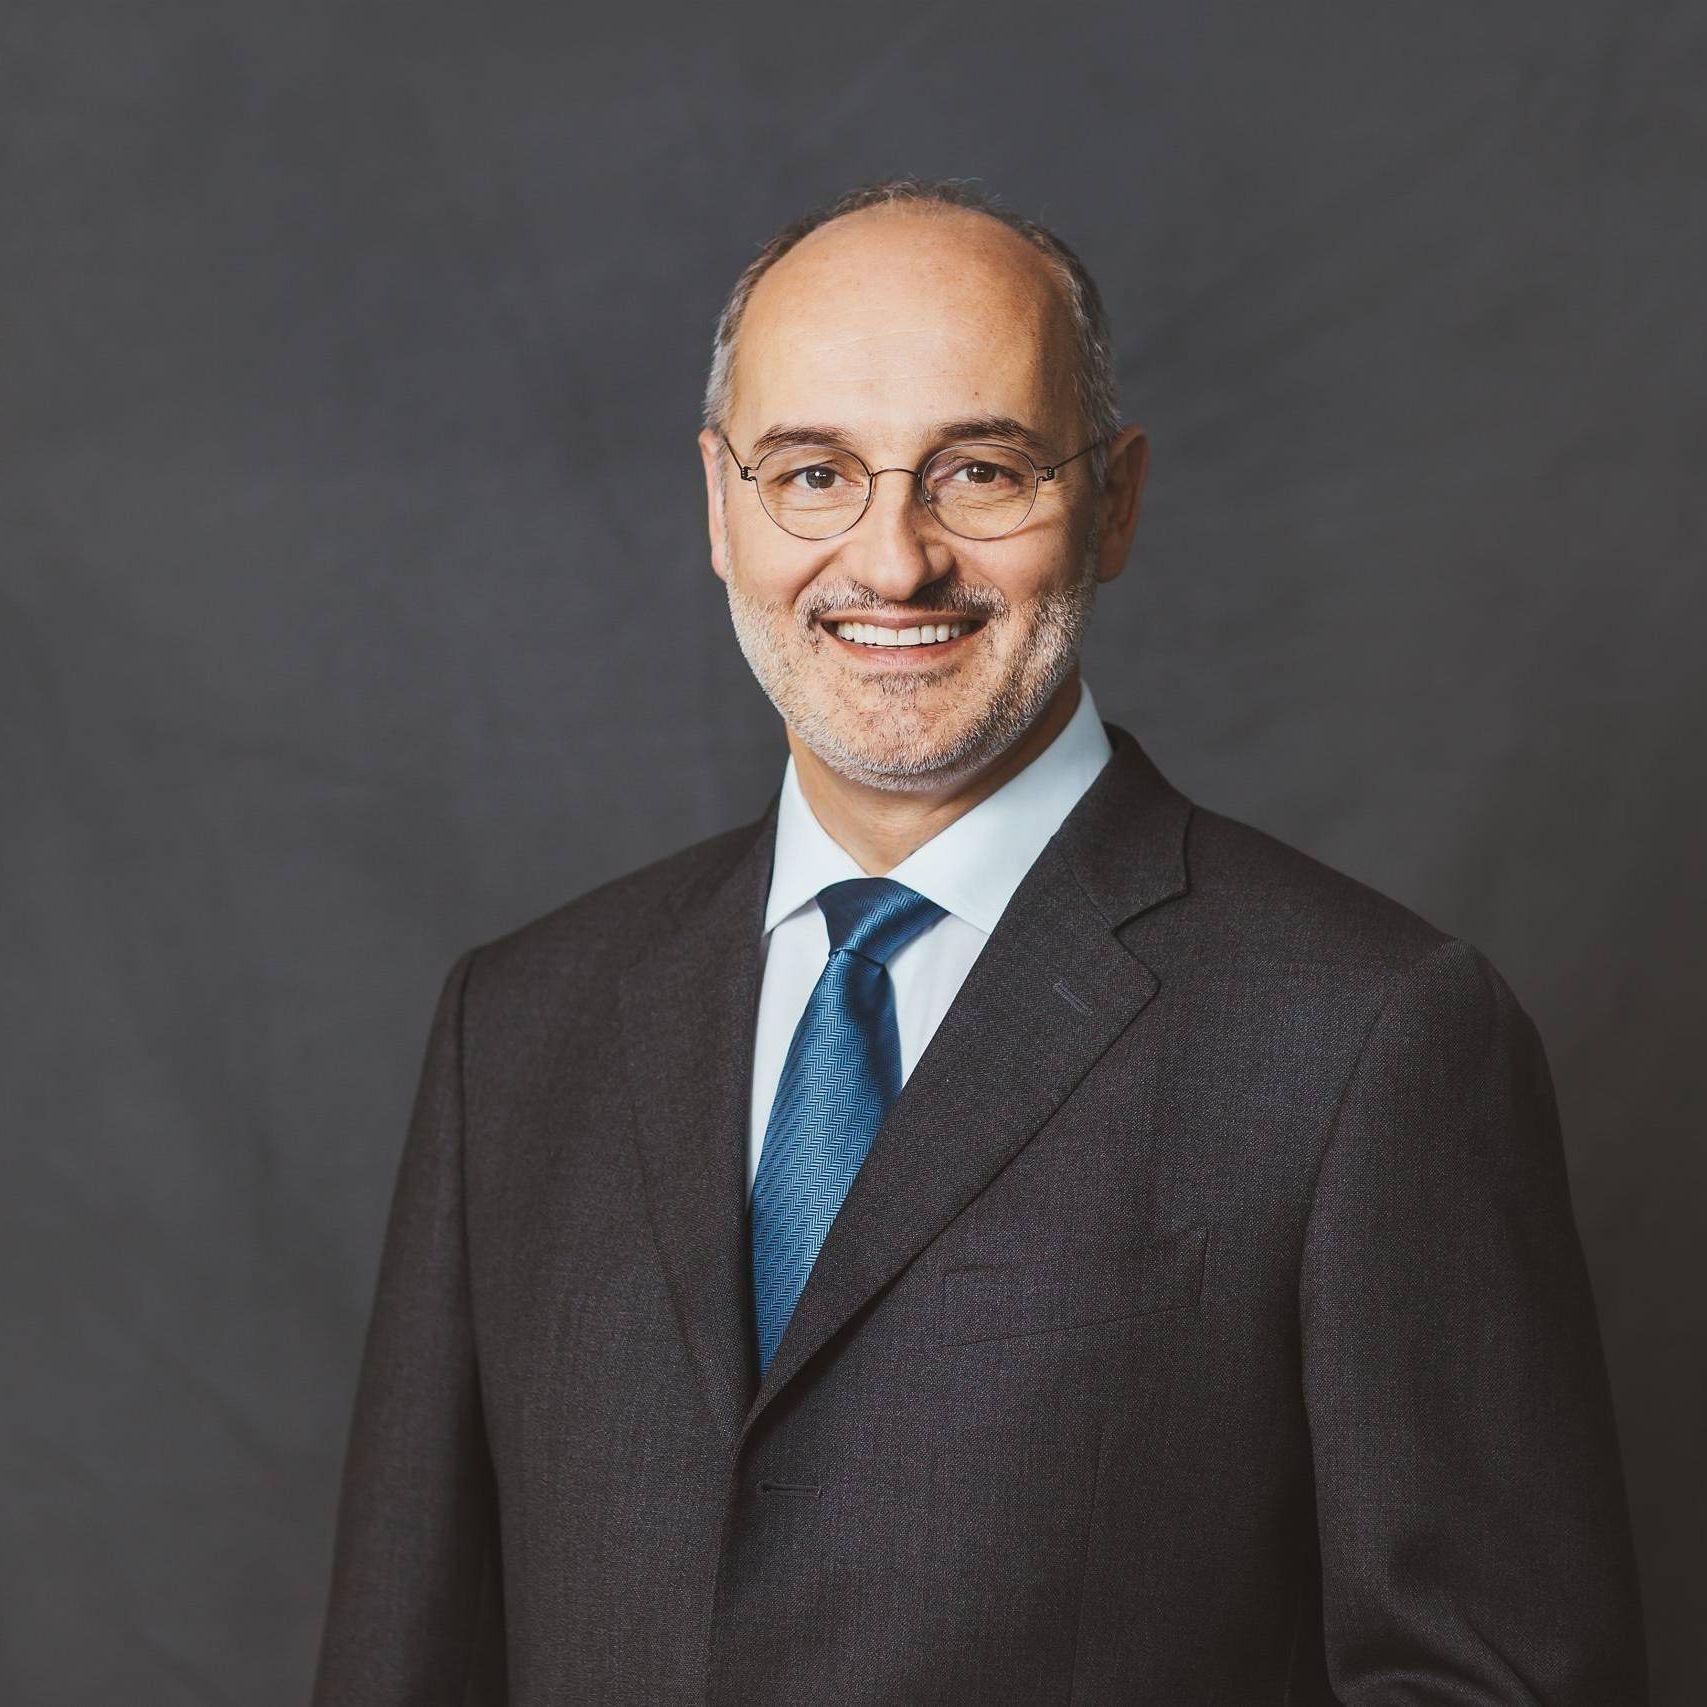 Antony Blanc